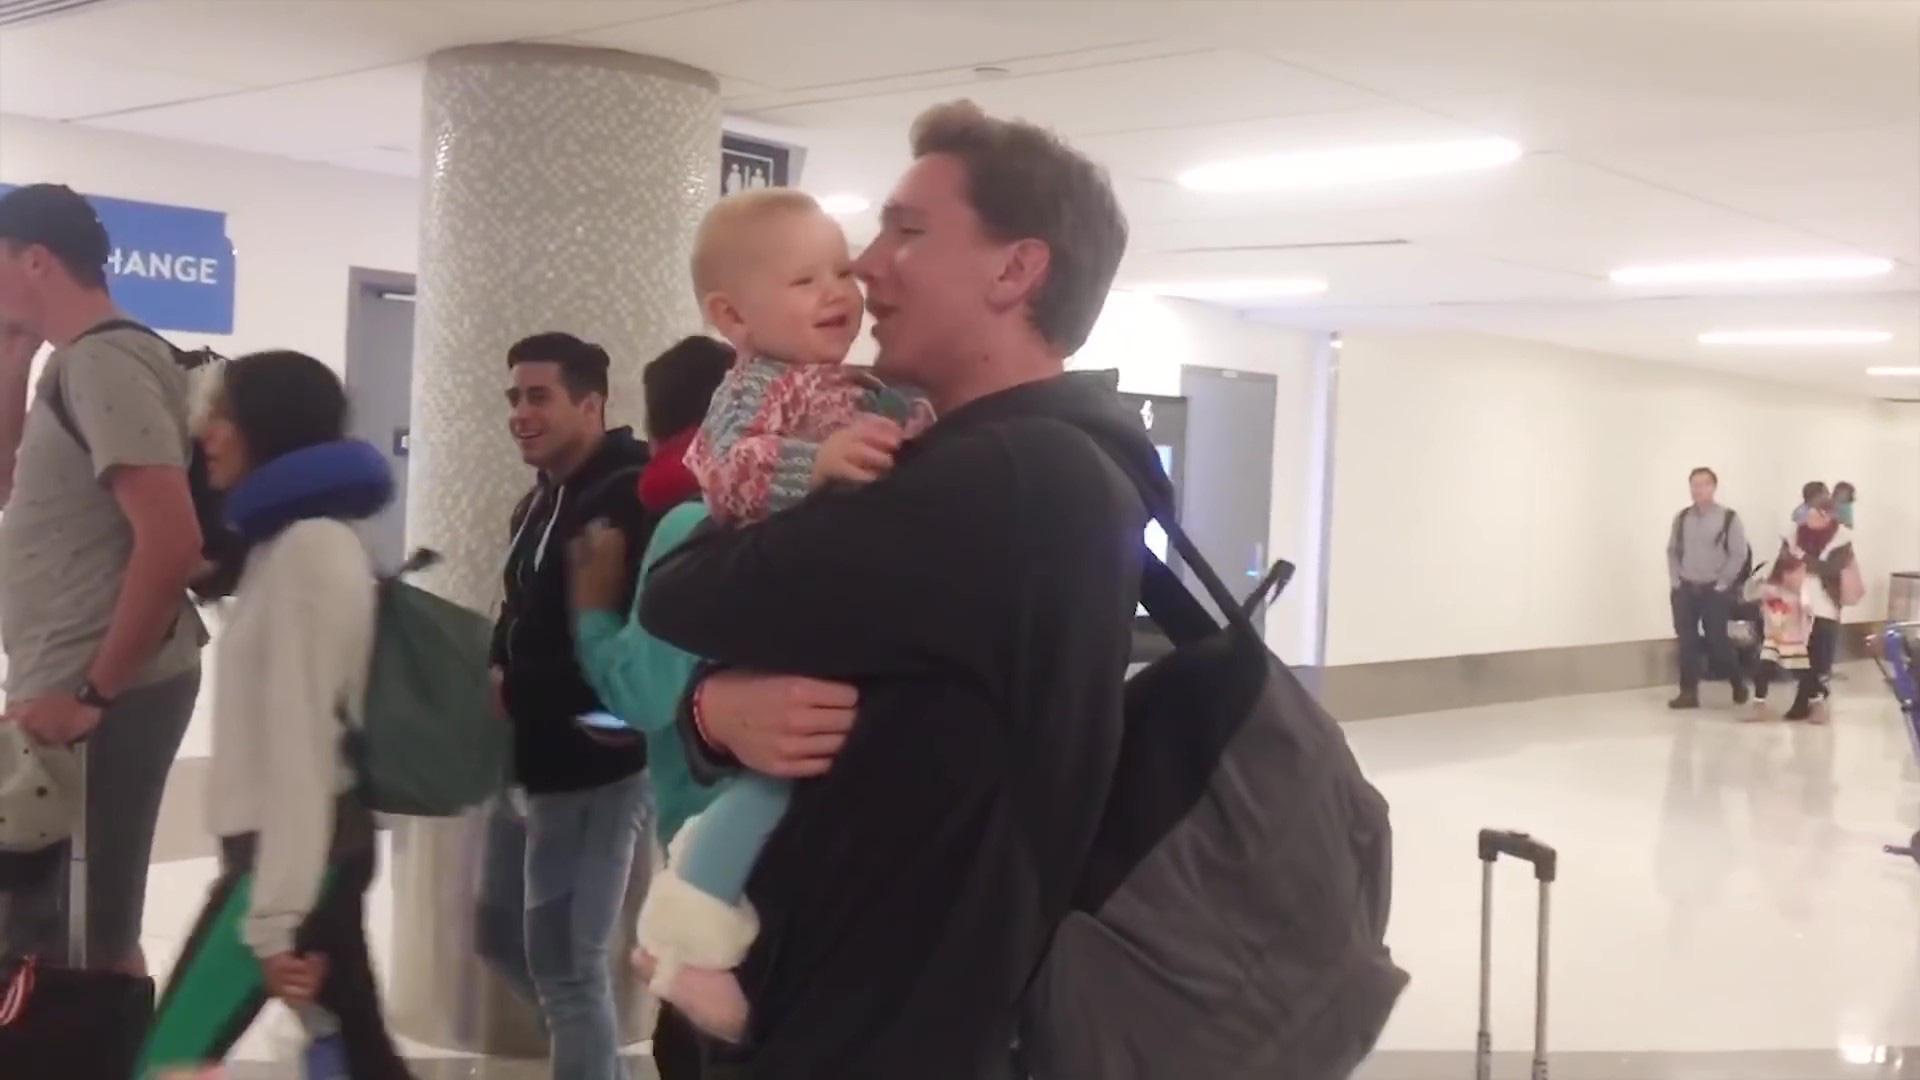 Cảm động trước niềm vui cuồng nhiệt, xoắn xuýt khi đón bố về của trẻ nhỏ - Ảnh 2.